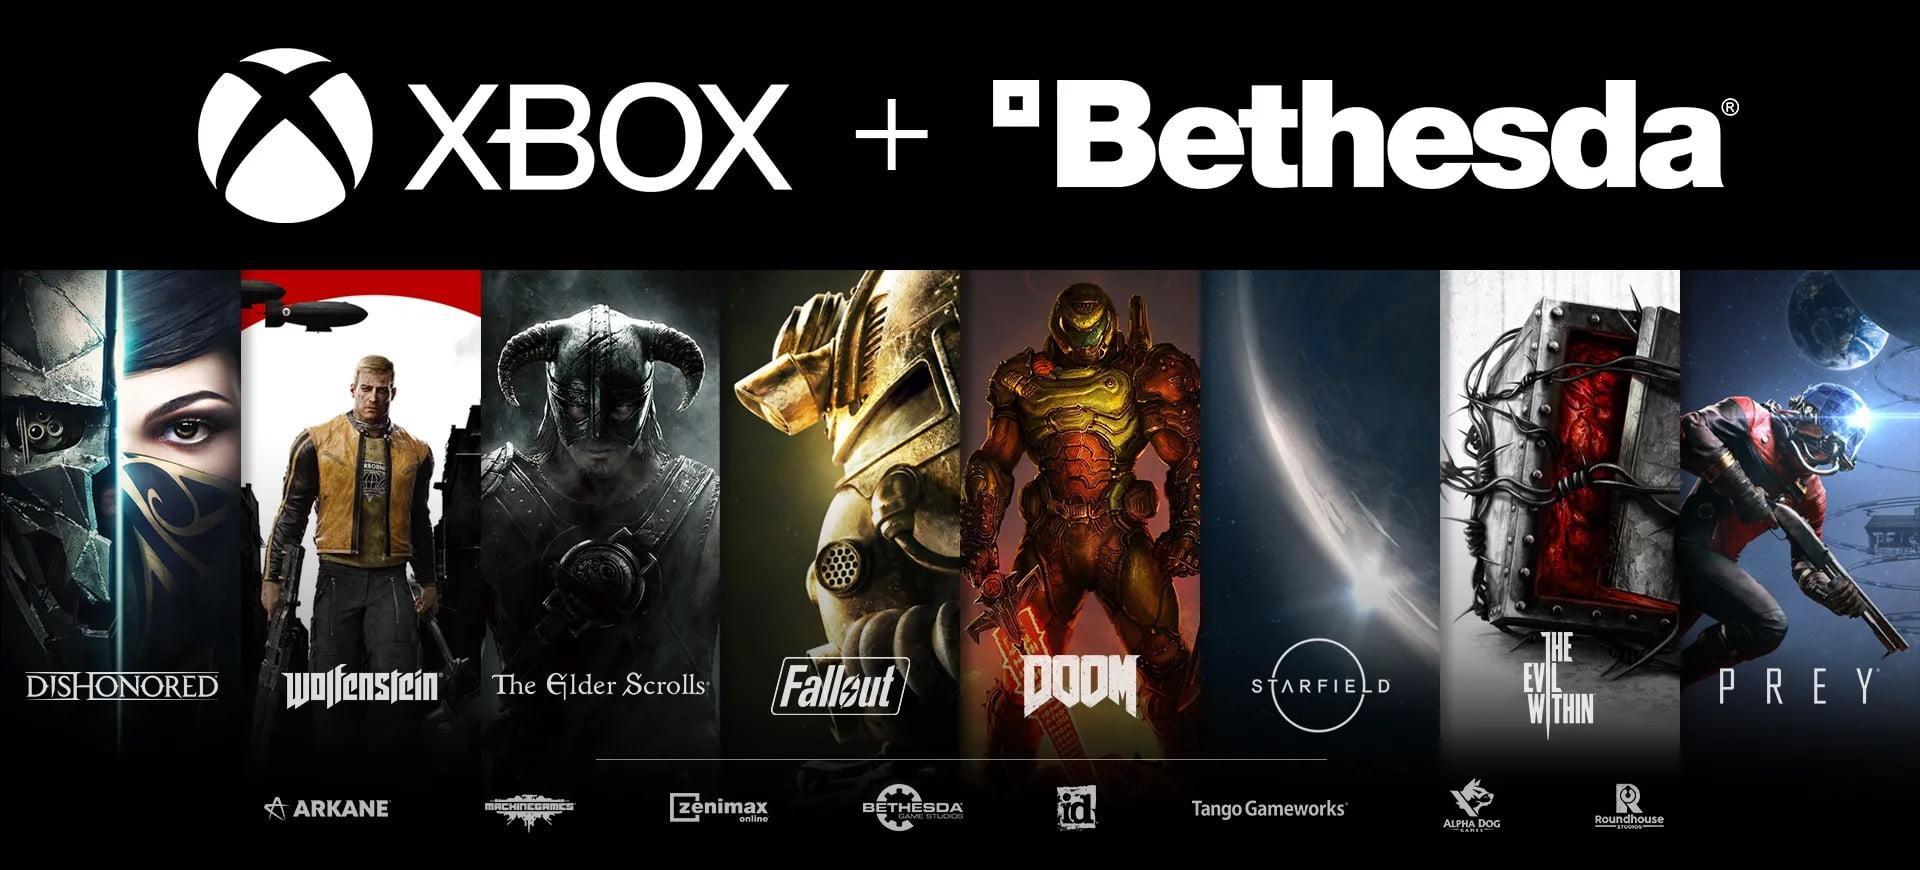 Game Pass incluirá los juegos de Bethesda tras su adquisición